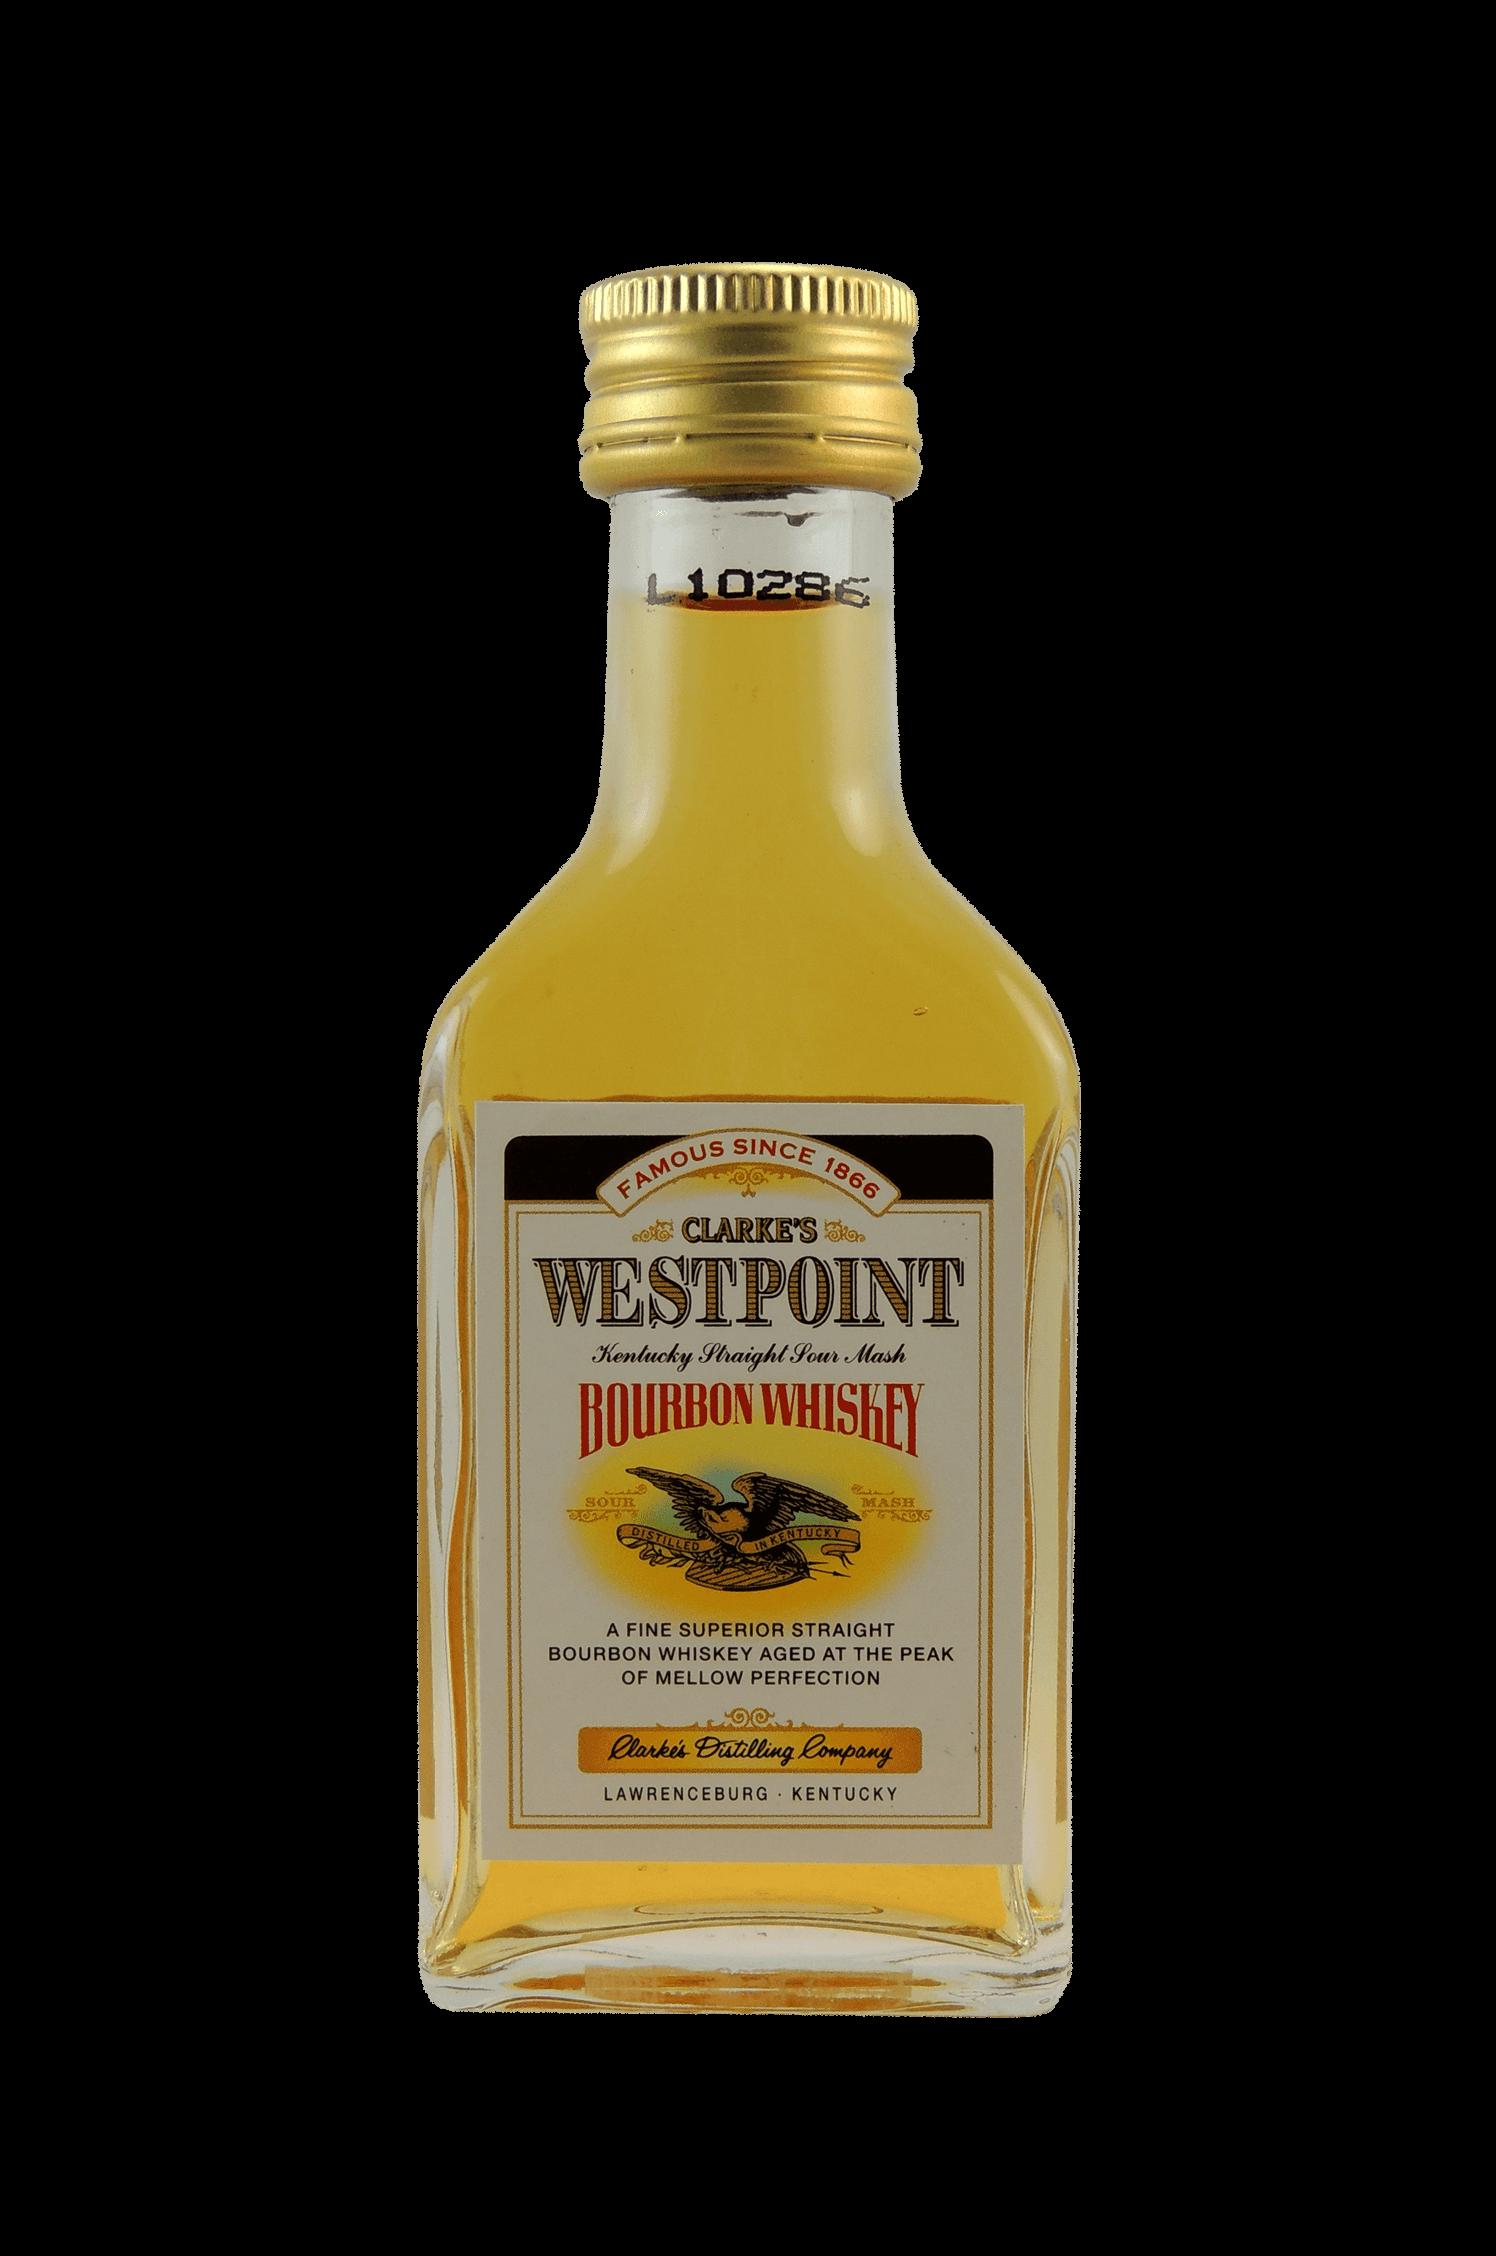 Westpoint Bourbon Whisky